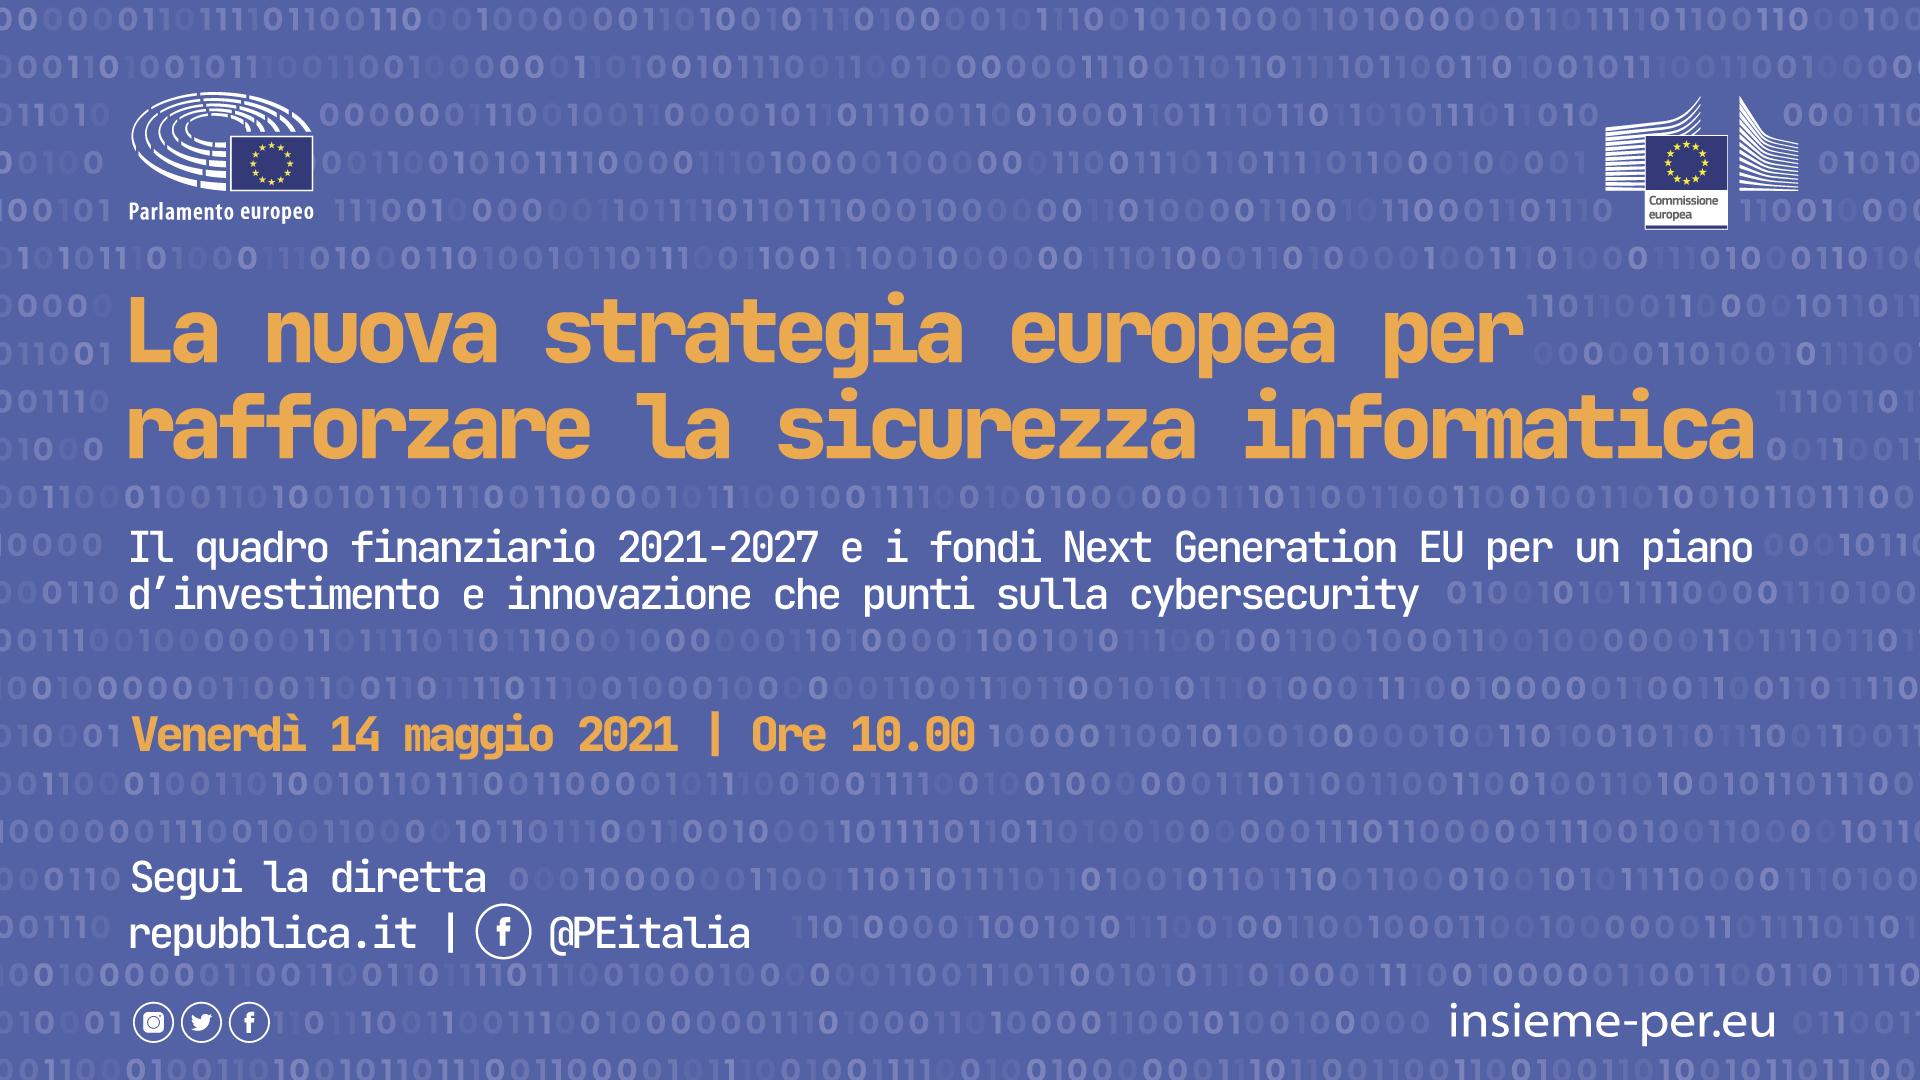 La nuova strategia europea per rafforzare la sicurezza informatica